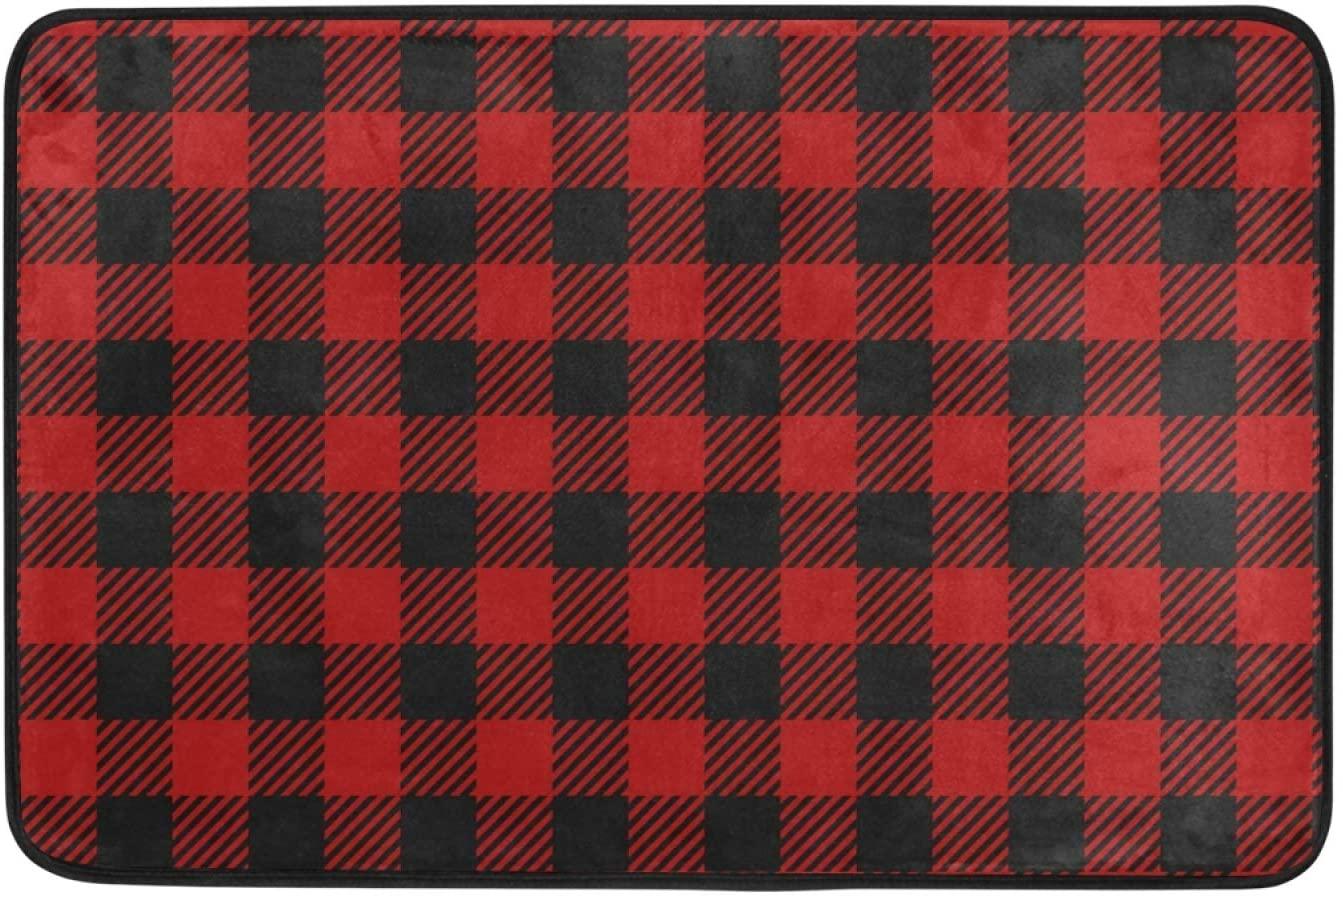 Moudou Christmas Red Plaid Doormat Non Slip Floor Mat Indoor Outdoor Entrance Kitchen Bath Garden Carpet 23.6 x 15.7 Inch